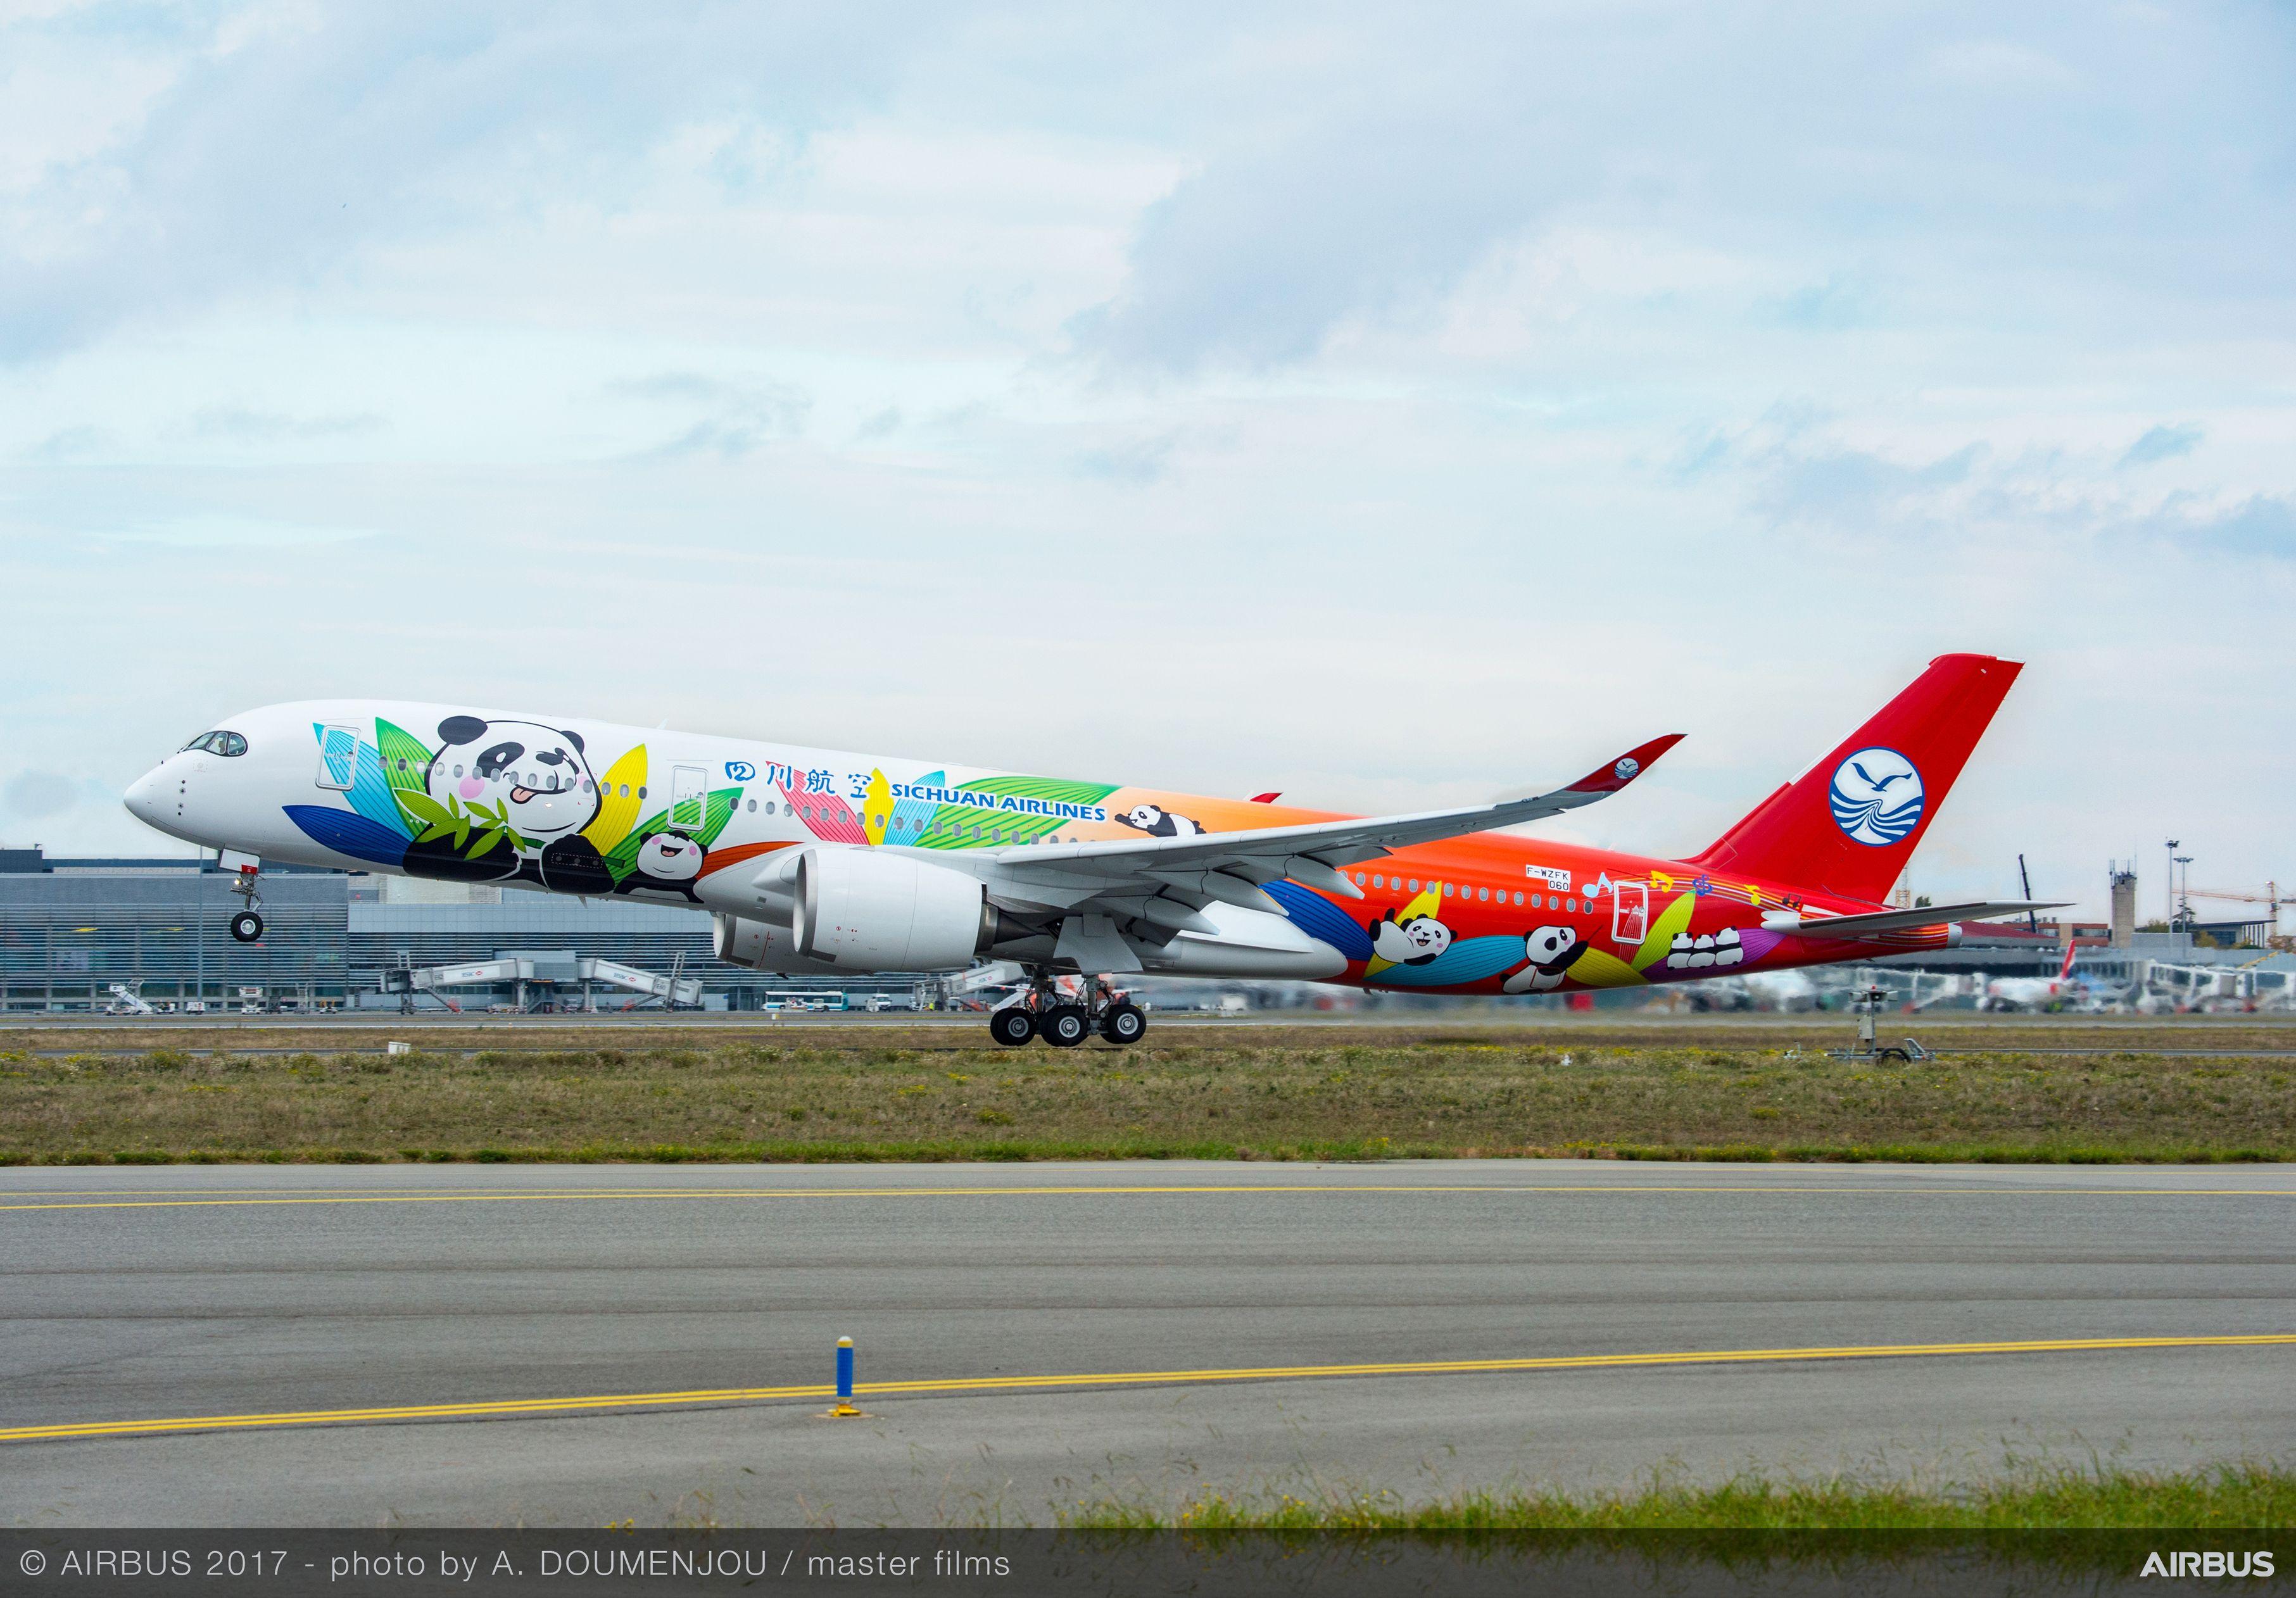 Den helt nye Airbus A350-900 med farverig Panda-maling til det kinesiske flyselskab Sichuan Airlines. Foto: Airbus